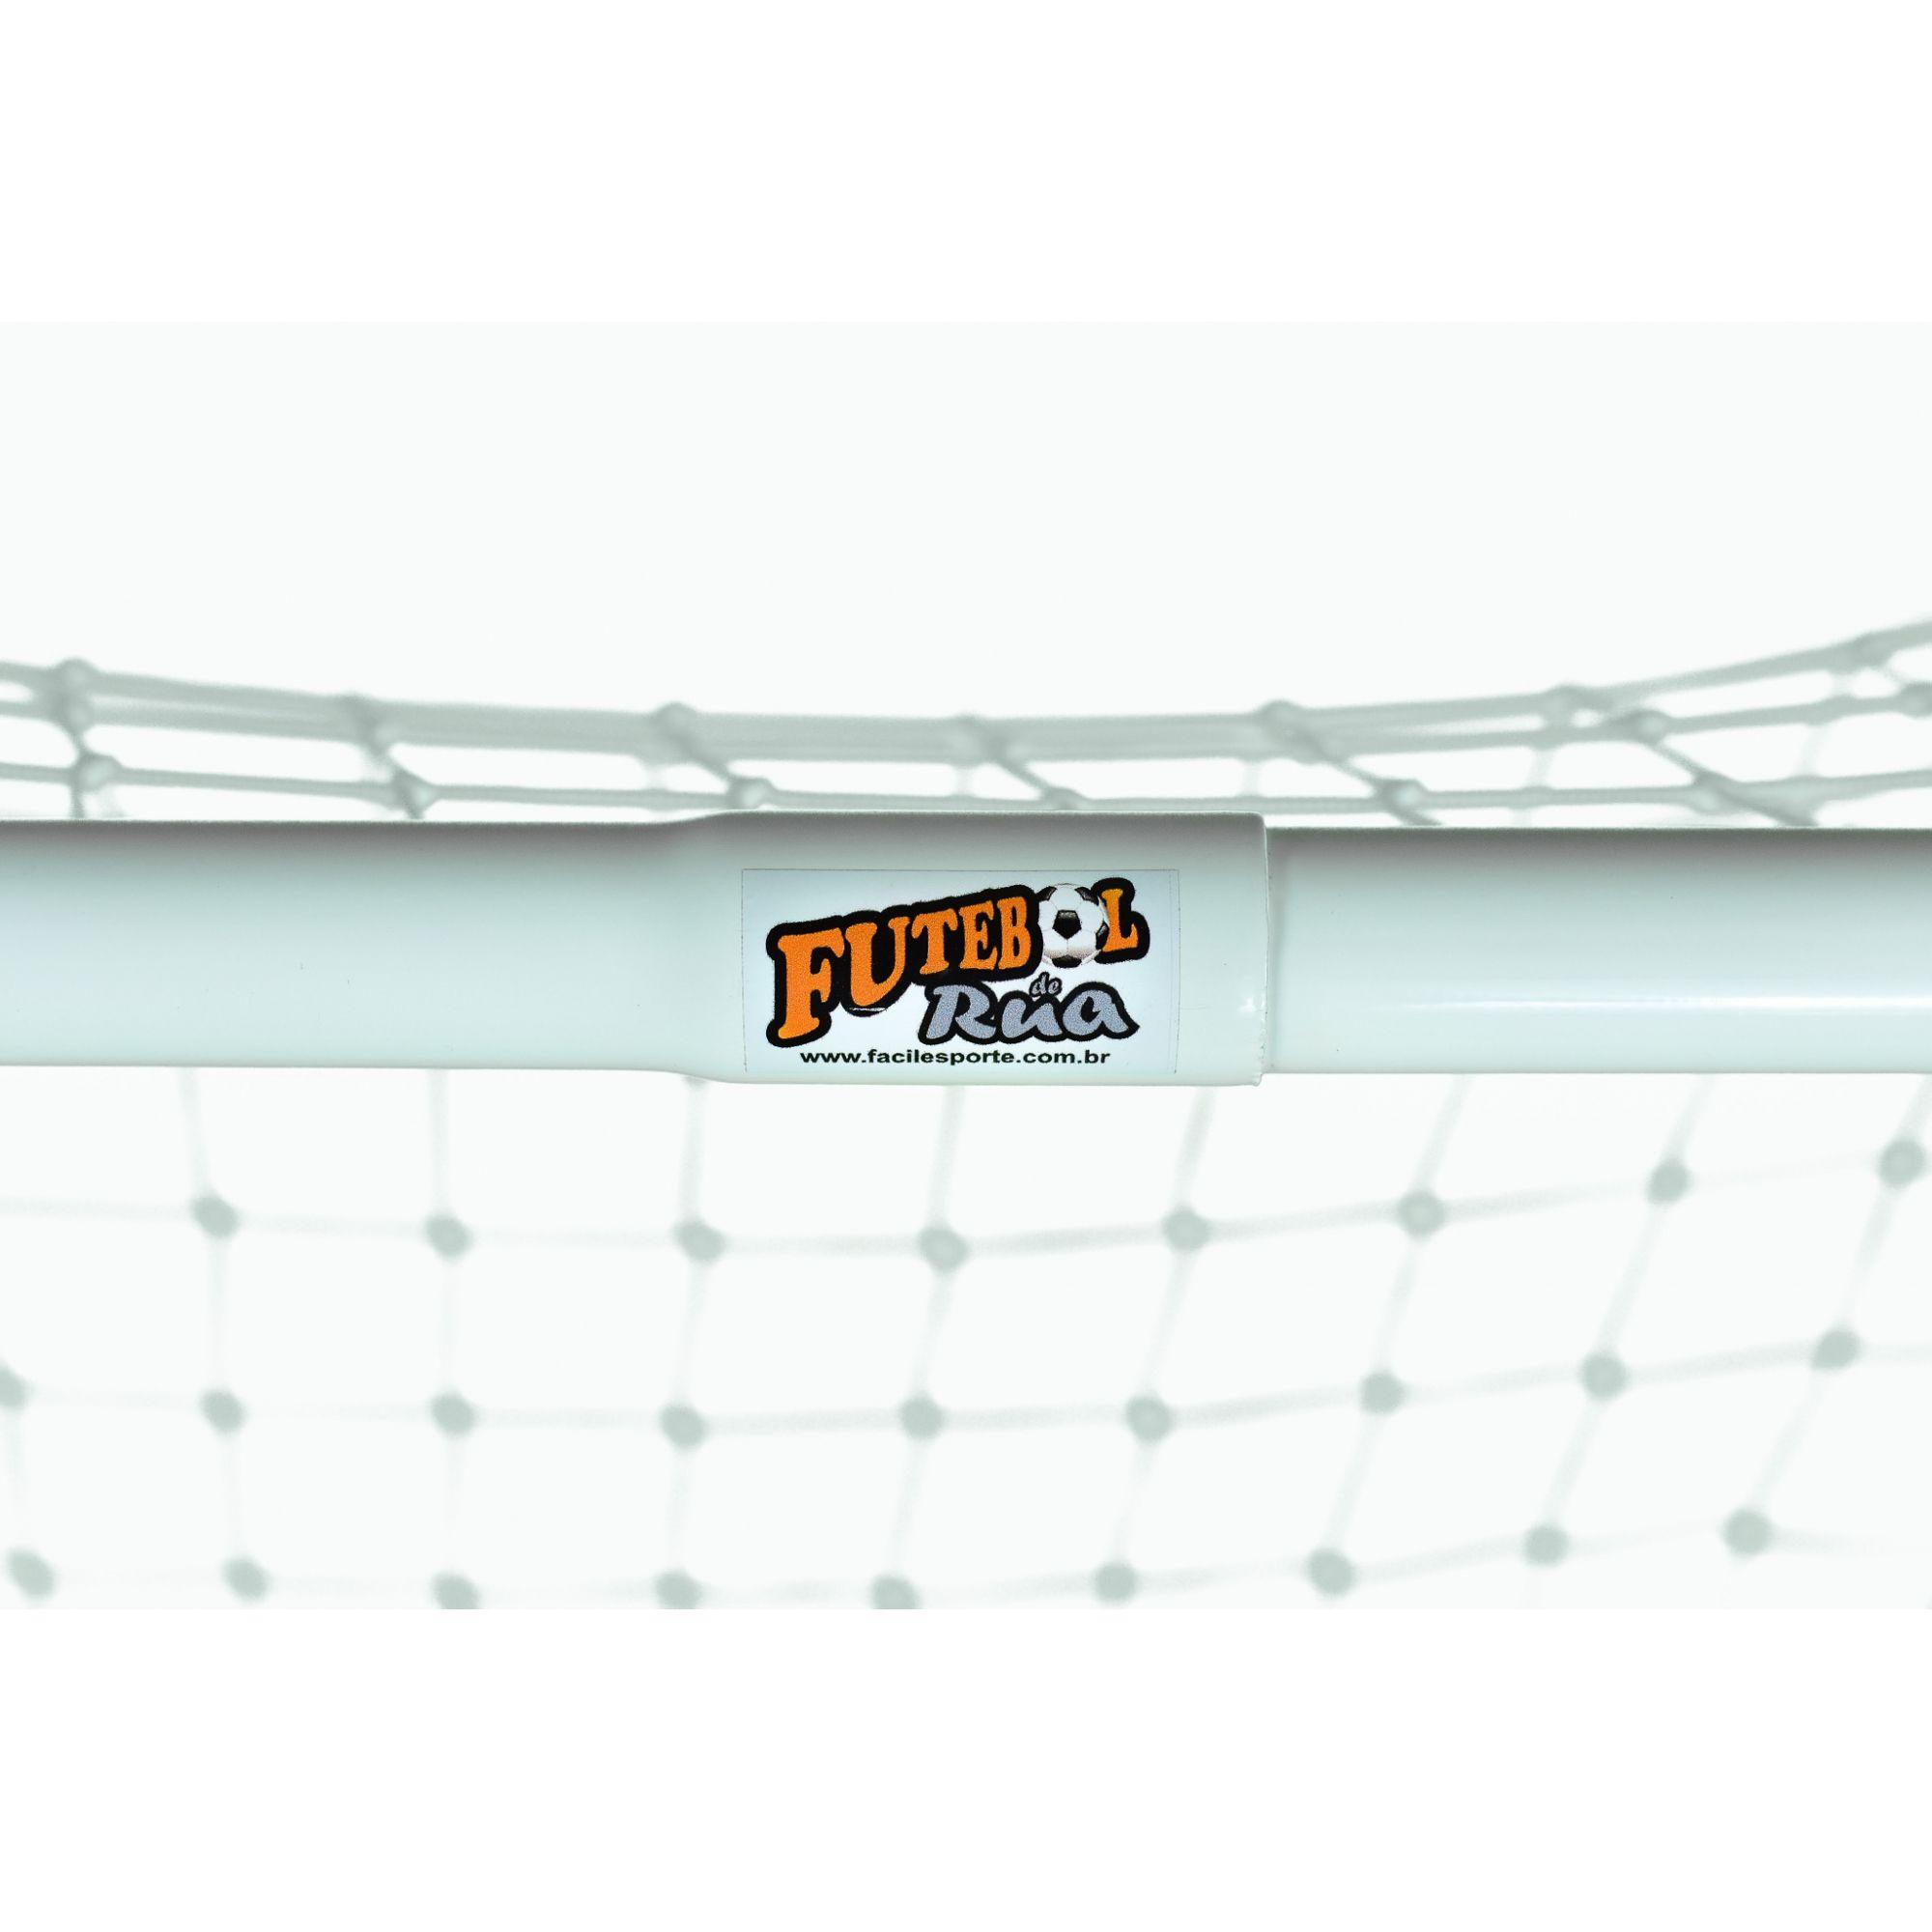 Kit (par) Mini Trave Futebol De Rua Master C/ Encaixe  - Alegria Brinquedos